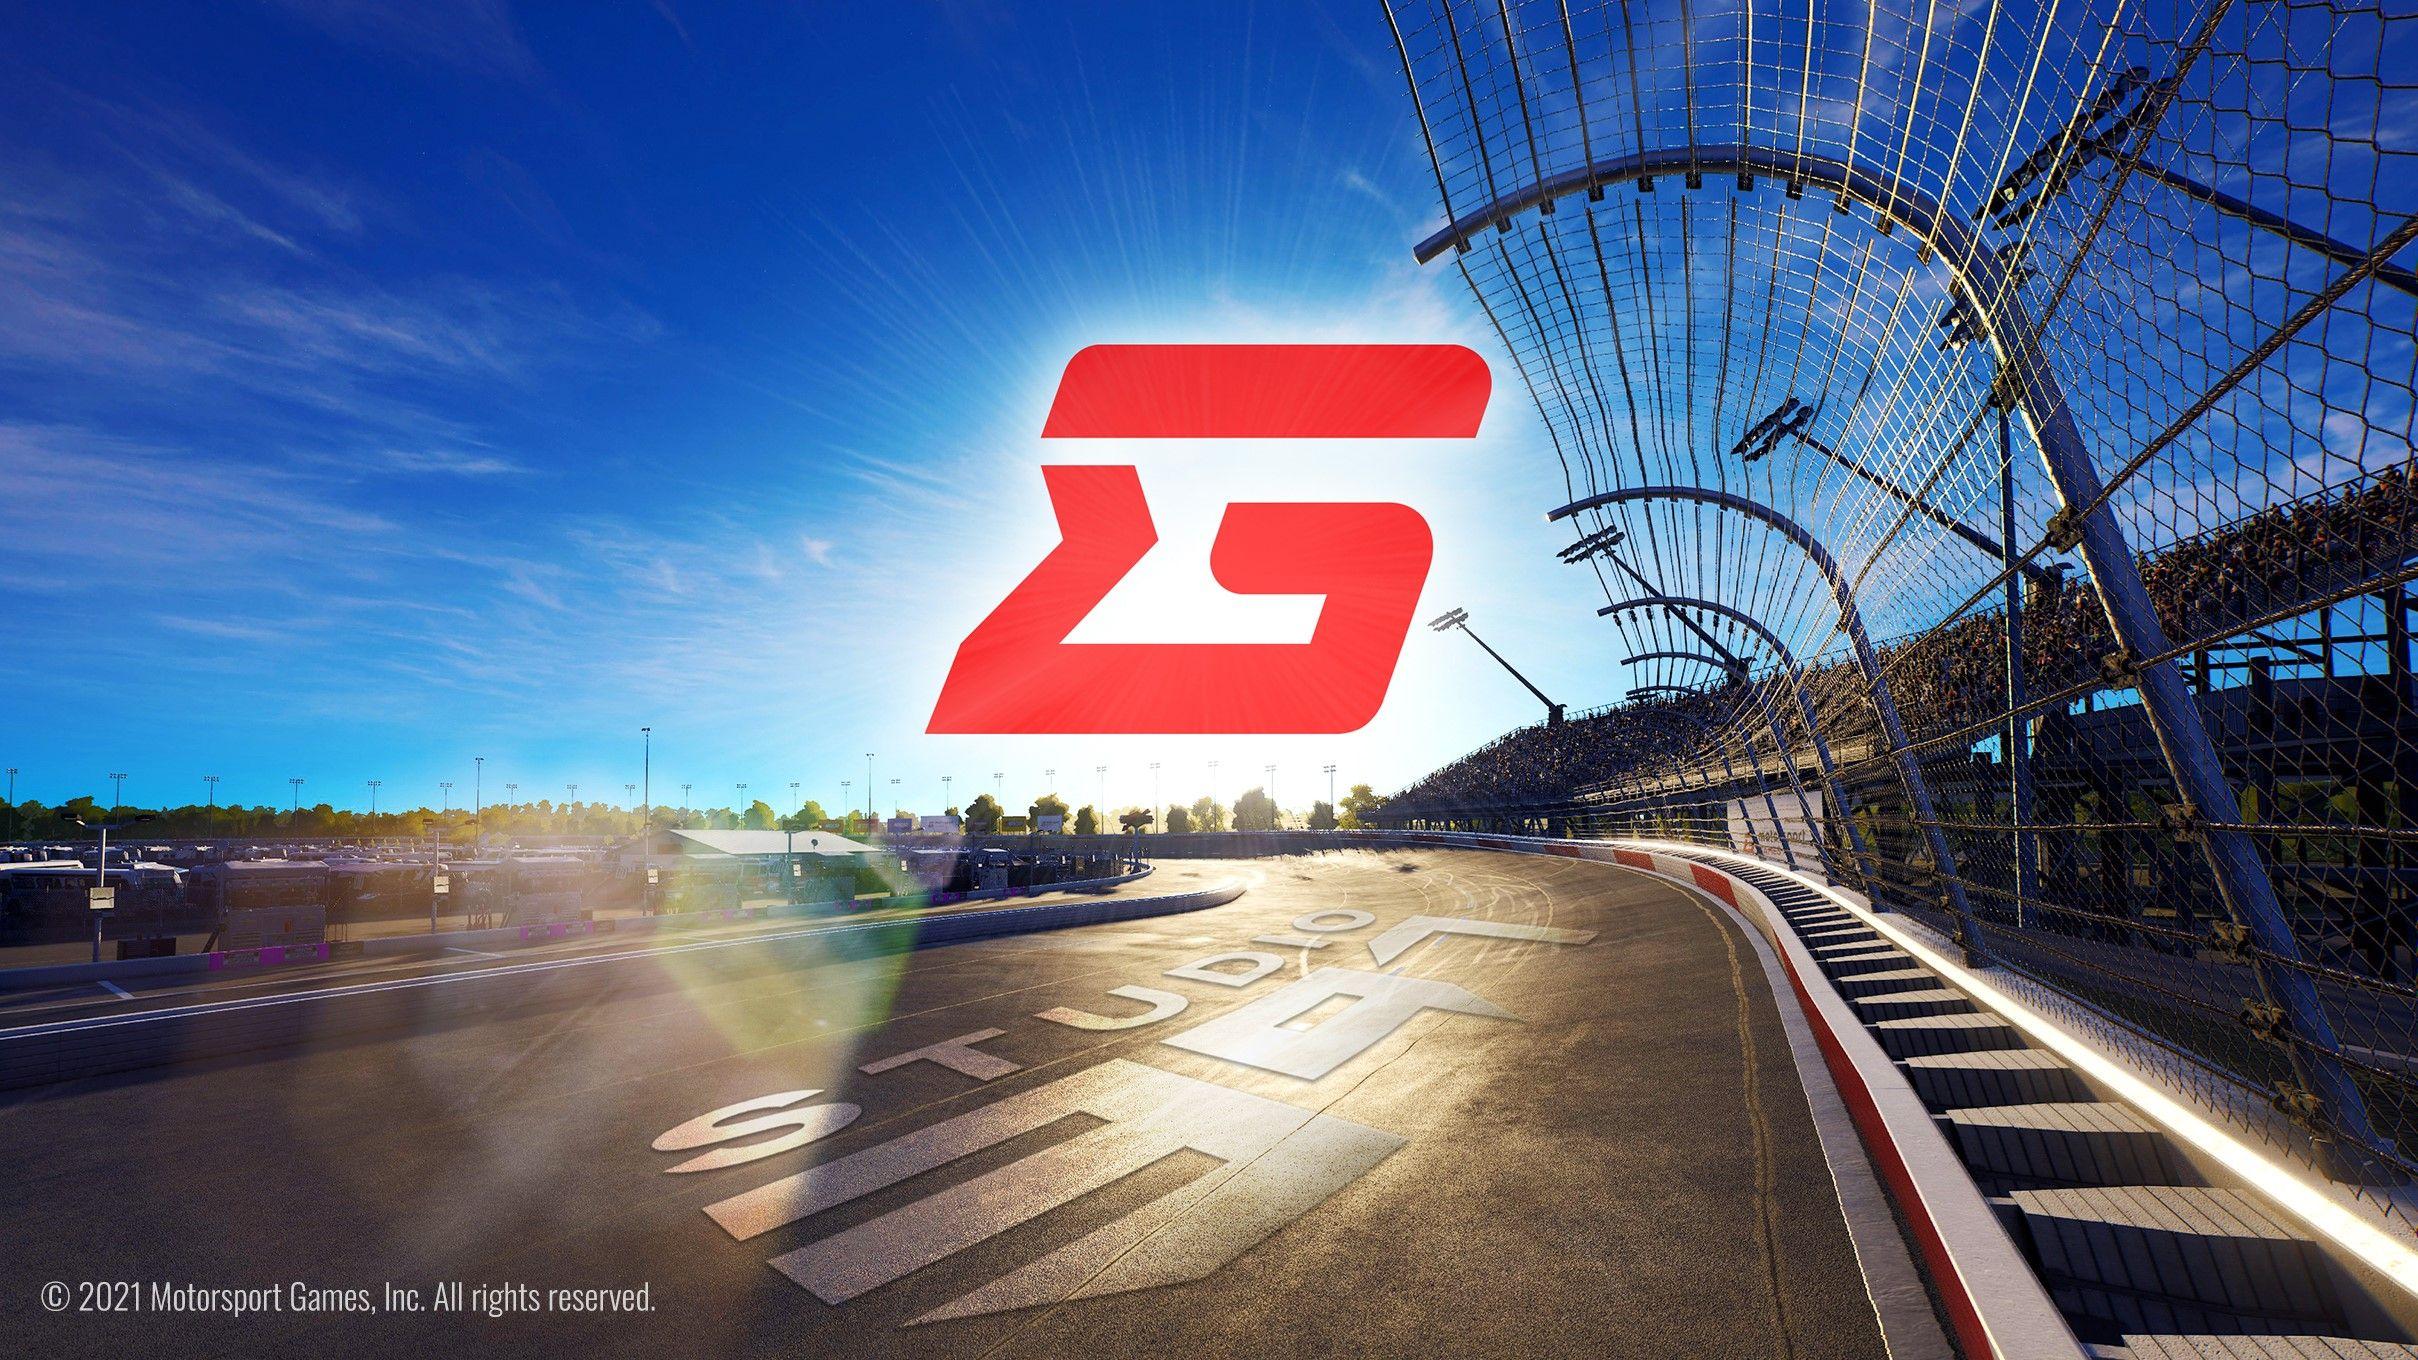 Motorsport Games & Studio 397